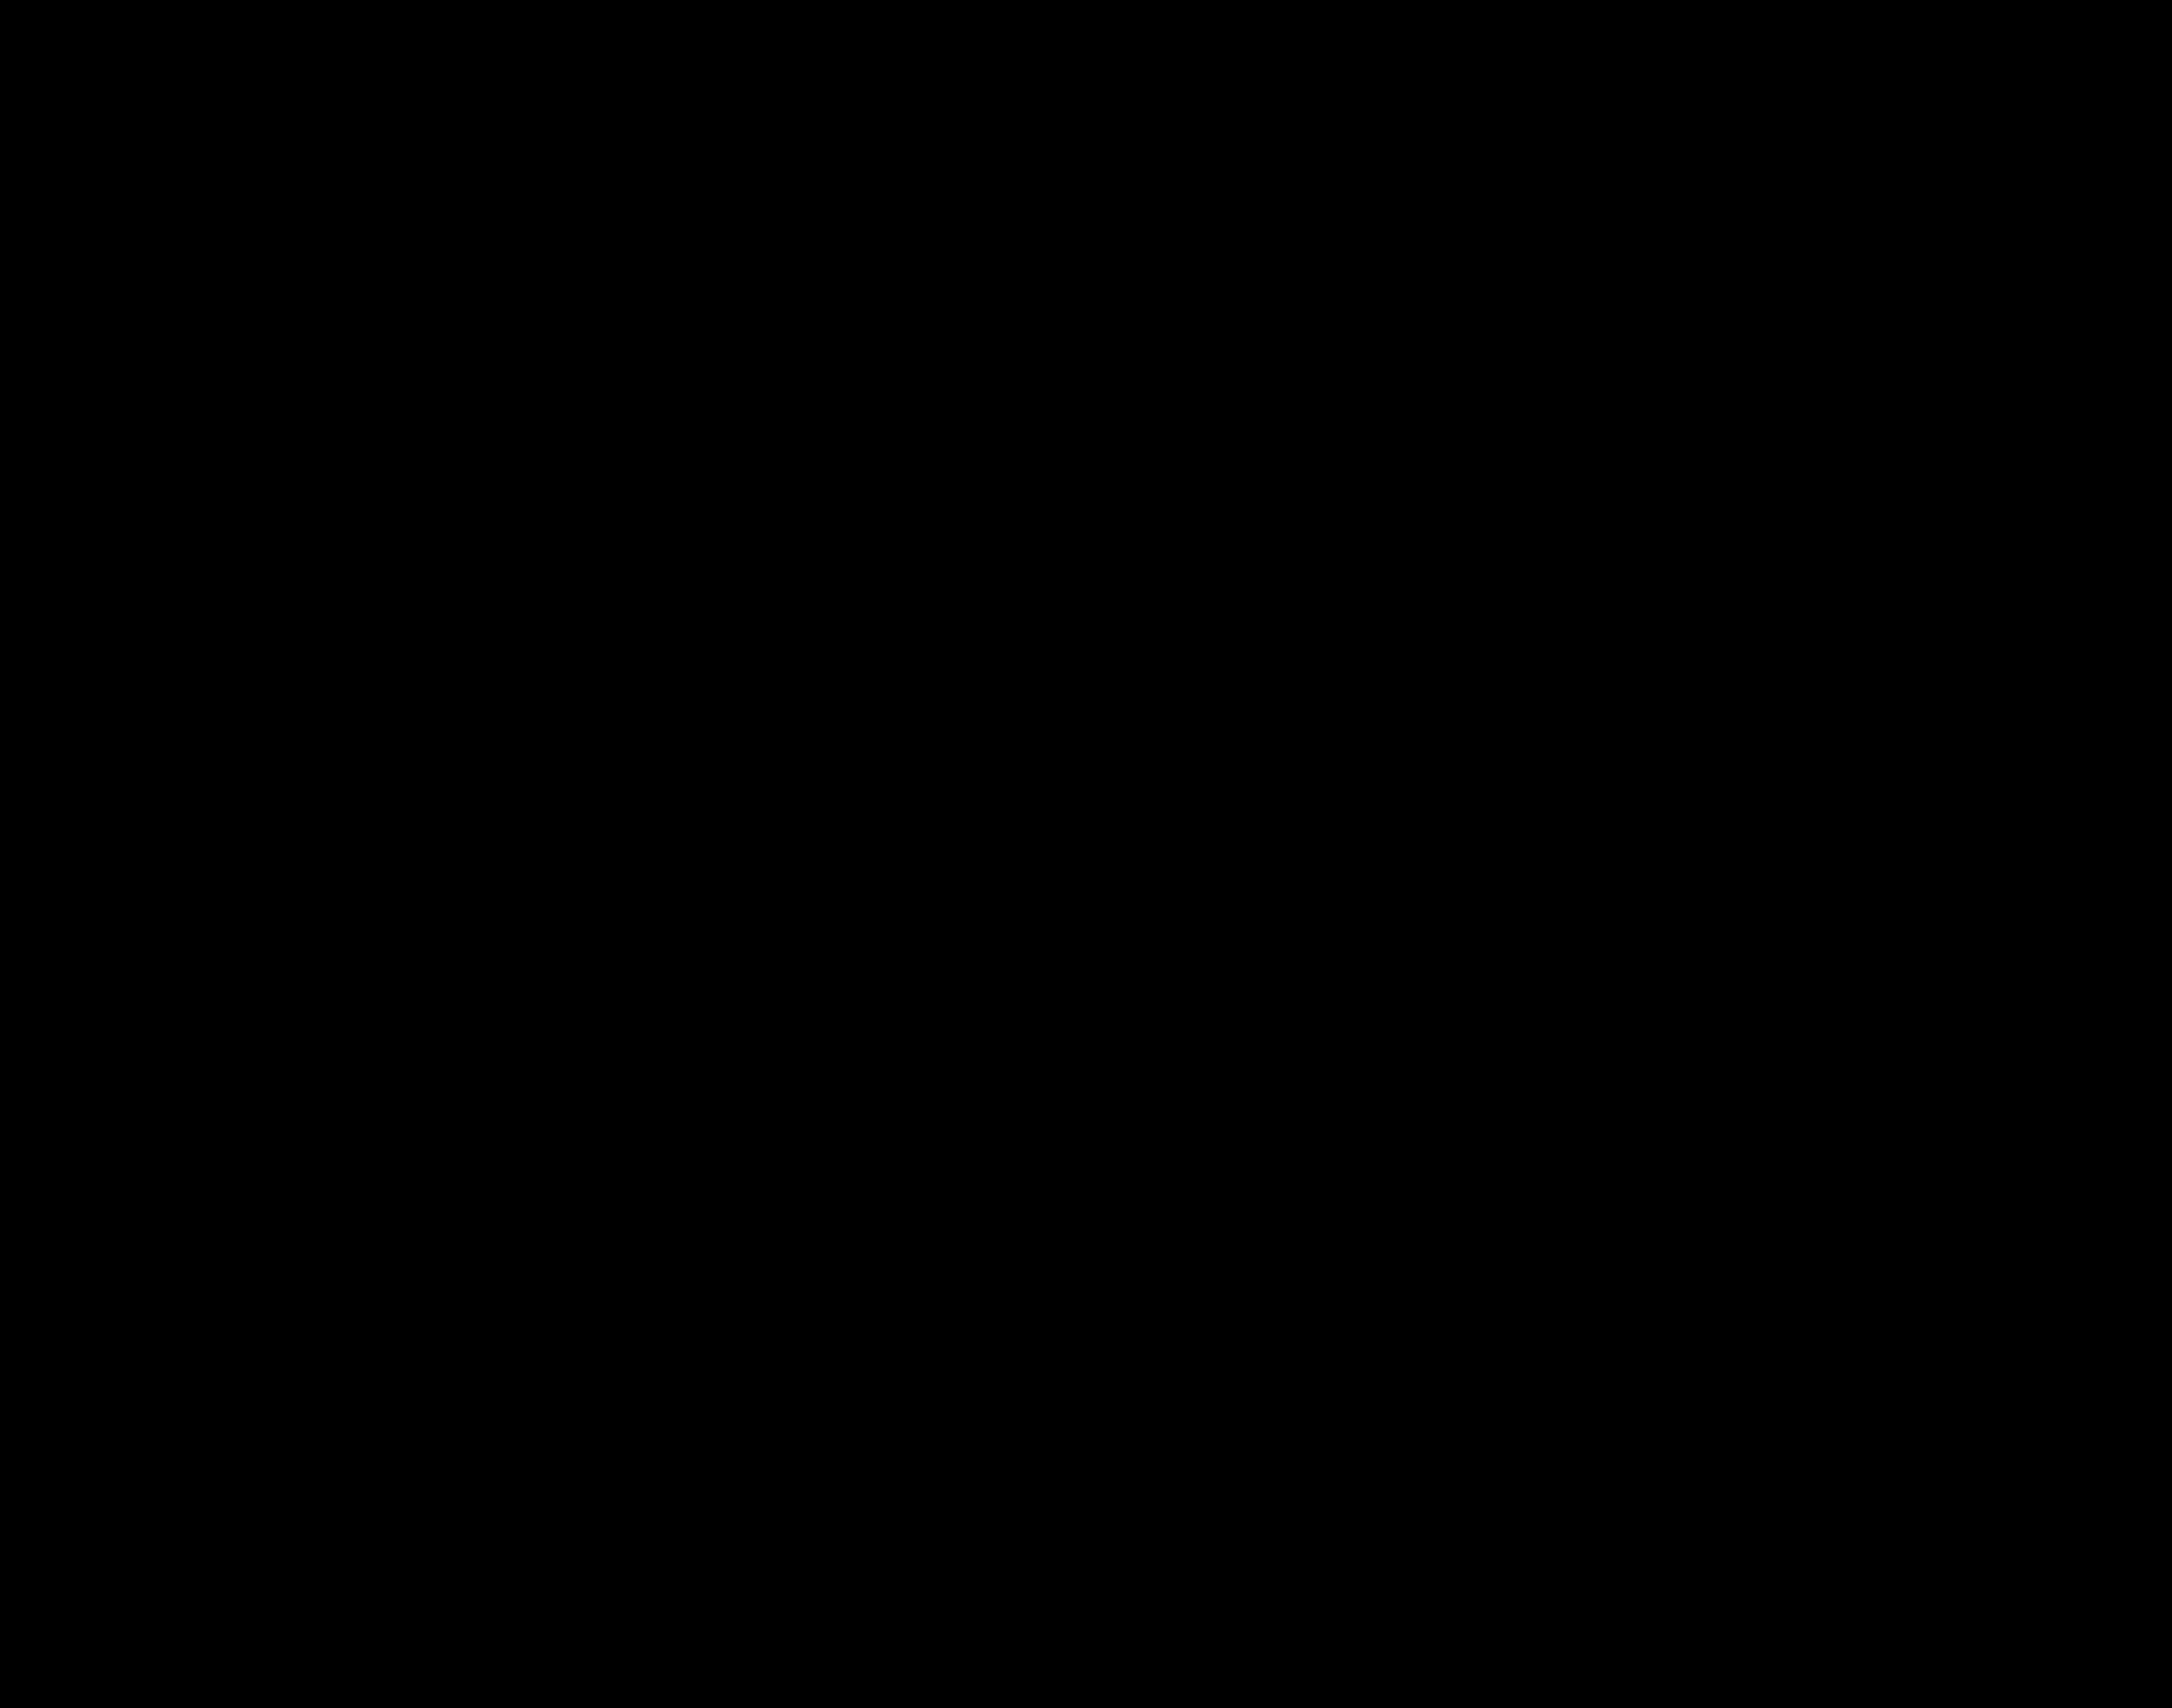 Morbid Obesity BMI, Risk Factors, And Implications